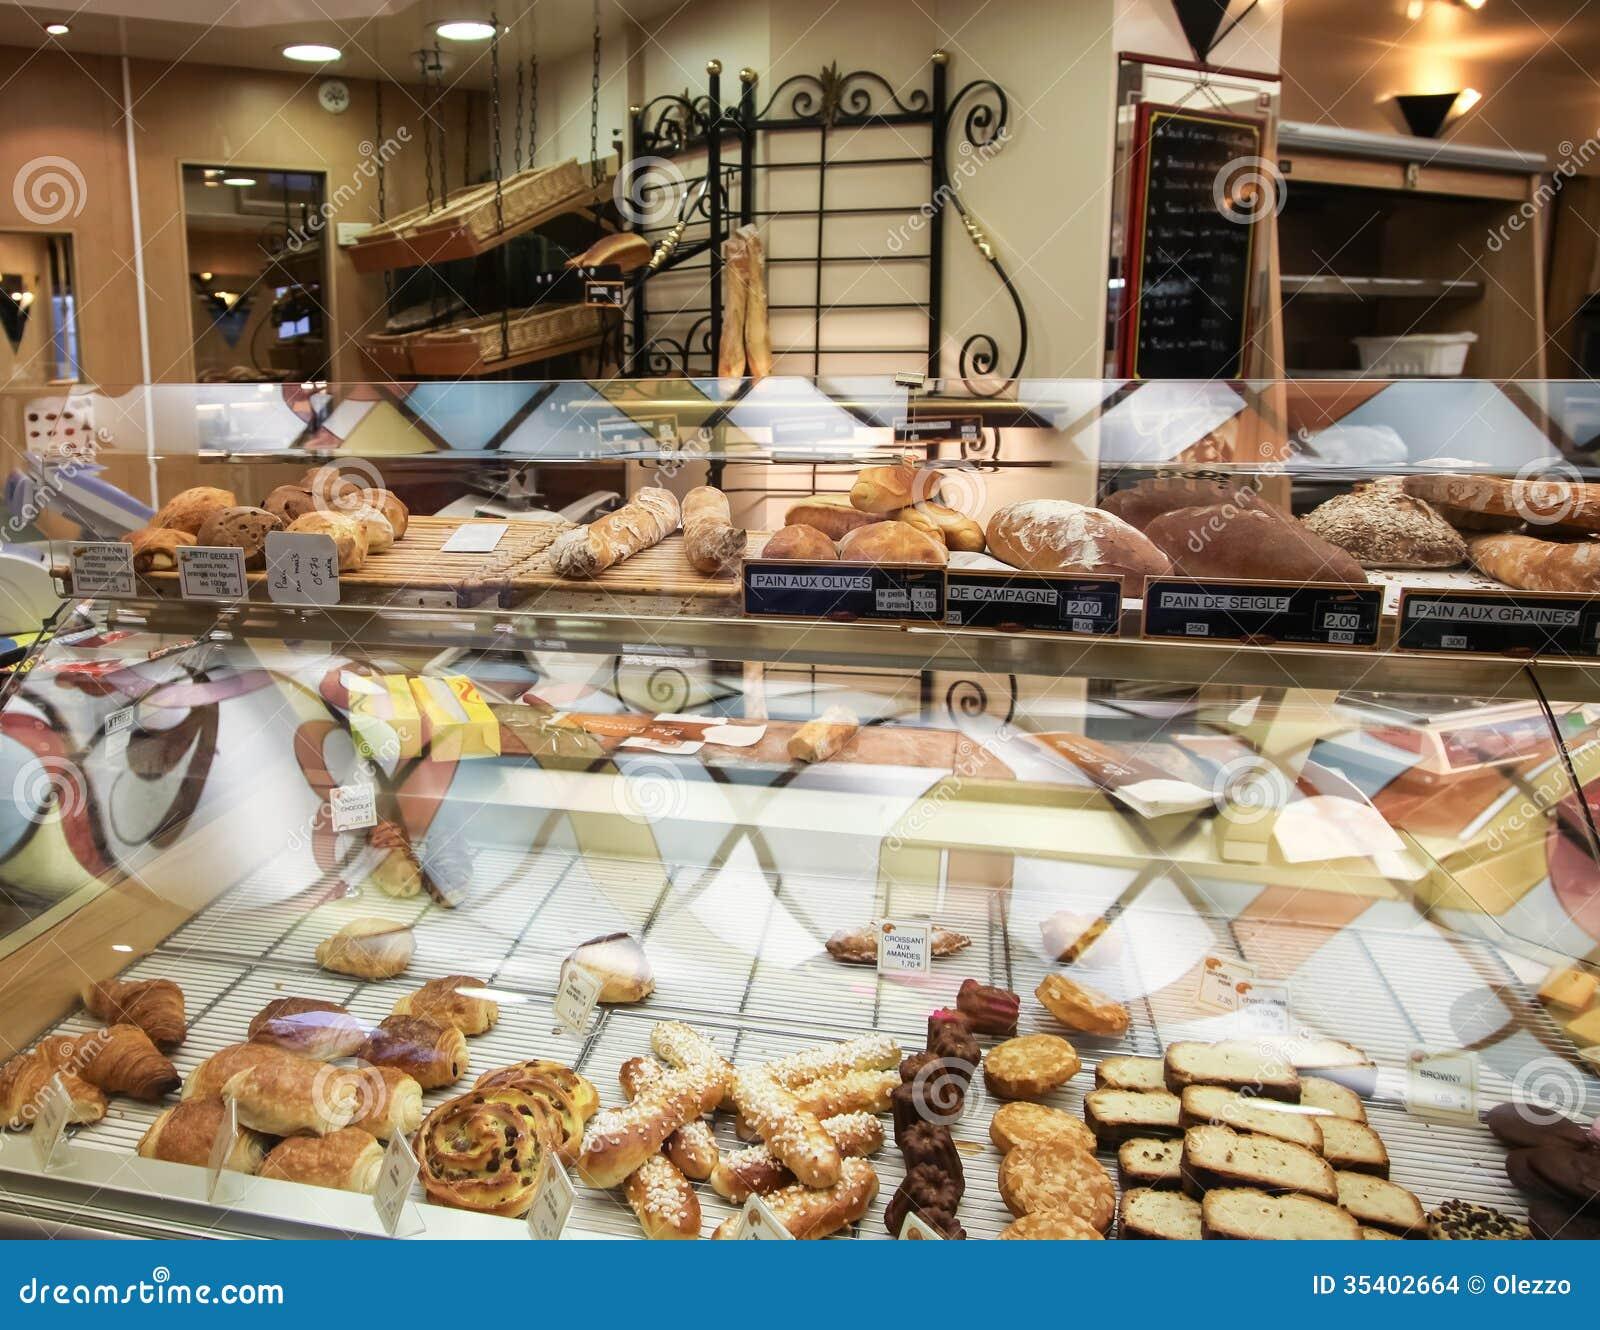 Showcase bij de franse bakkerij in parijs redactionele stock afbeelding afbeelding 35402664 - Parijs zoet ...